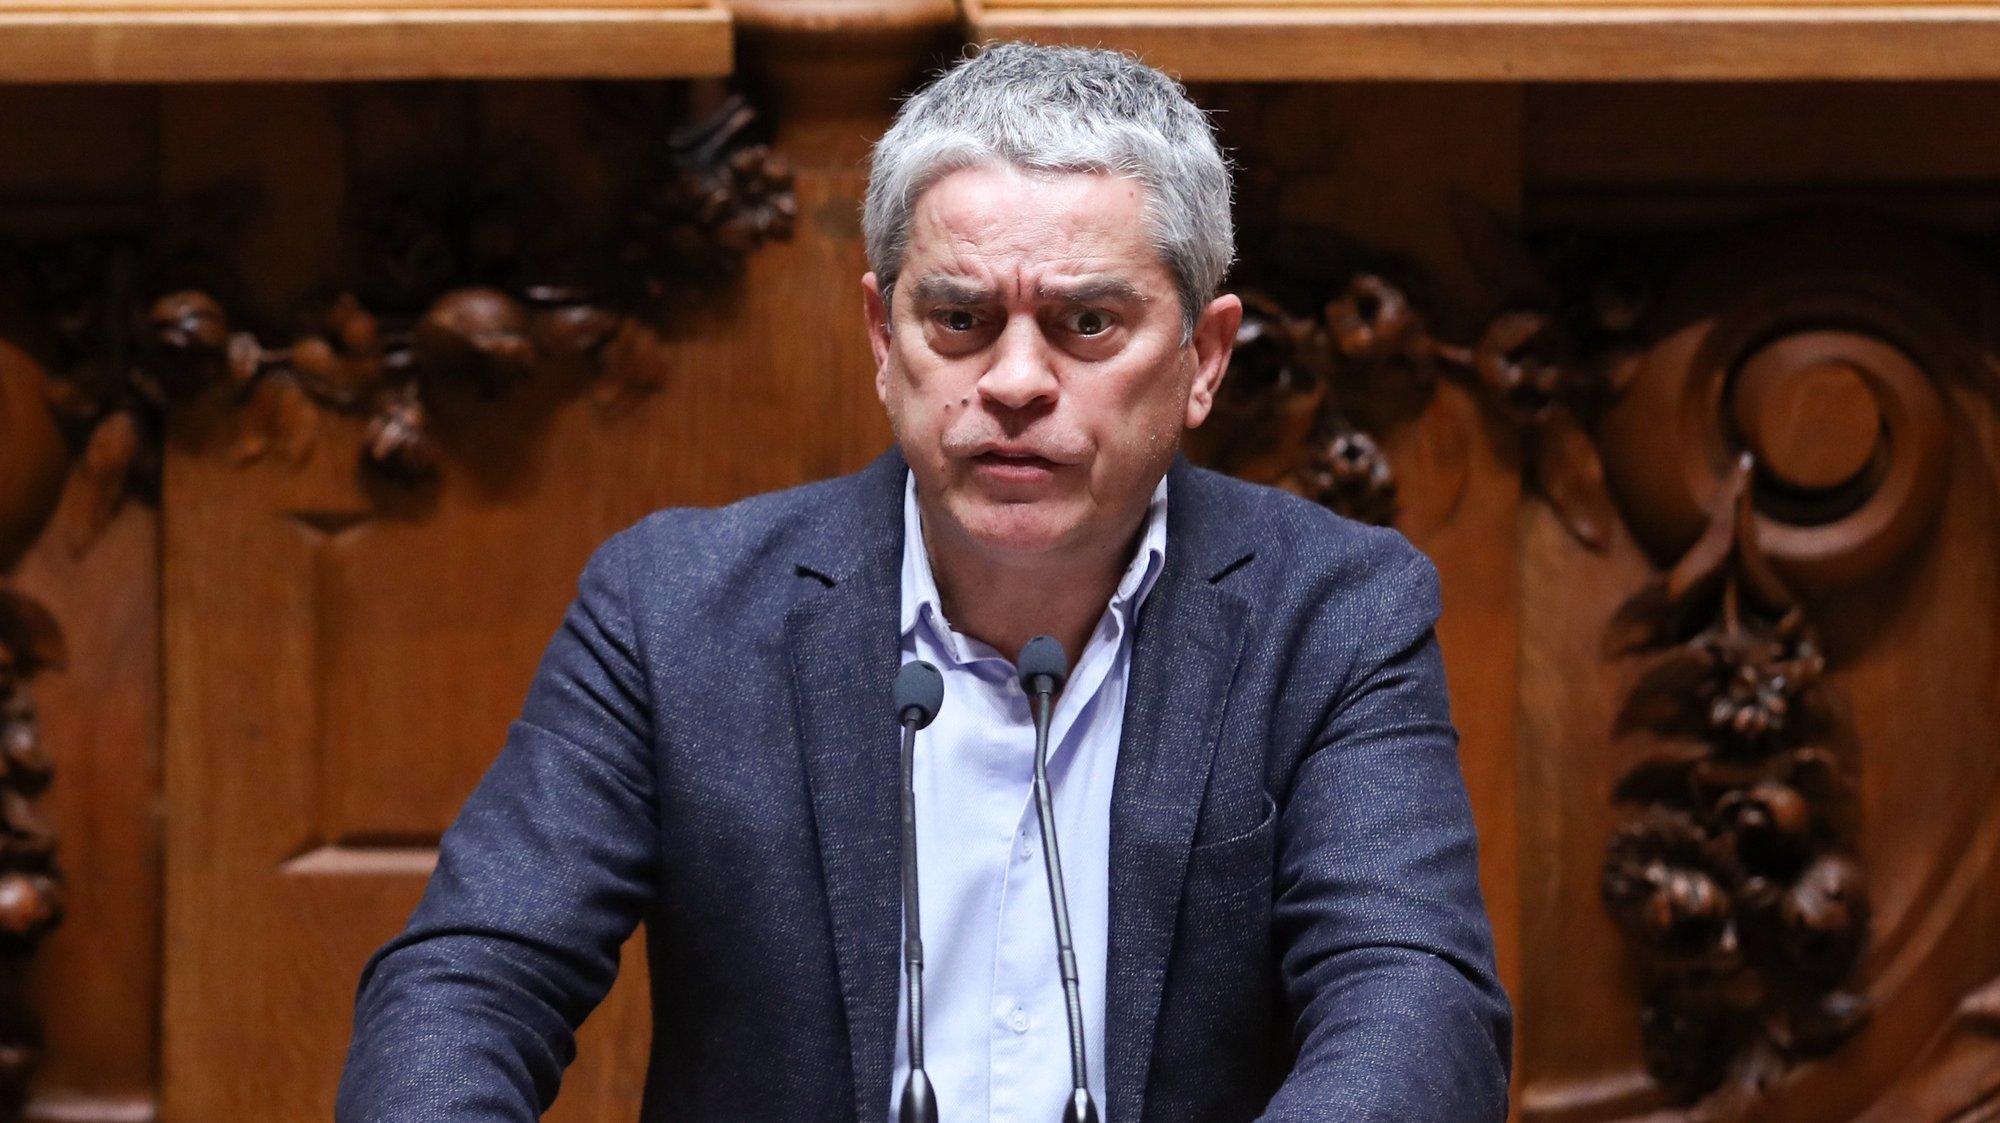 """O deputado do Partido Ecologista """"Os Verdes"""" (PEV) José Luís Ferreira intervém no debate o sobre a participação de Portugal na Cooperação Estruturada Permanente, que decorreu na Assembleia da República, em Lisboa, 31 de março de 2021. ANTÓNIO COTRIM/LUSA"""